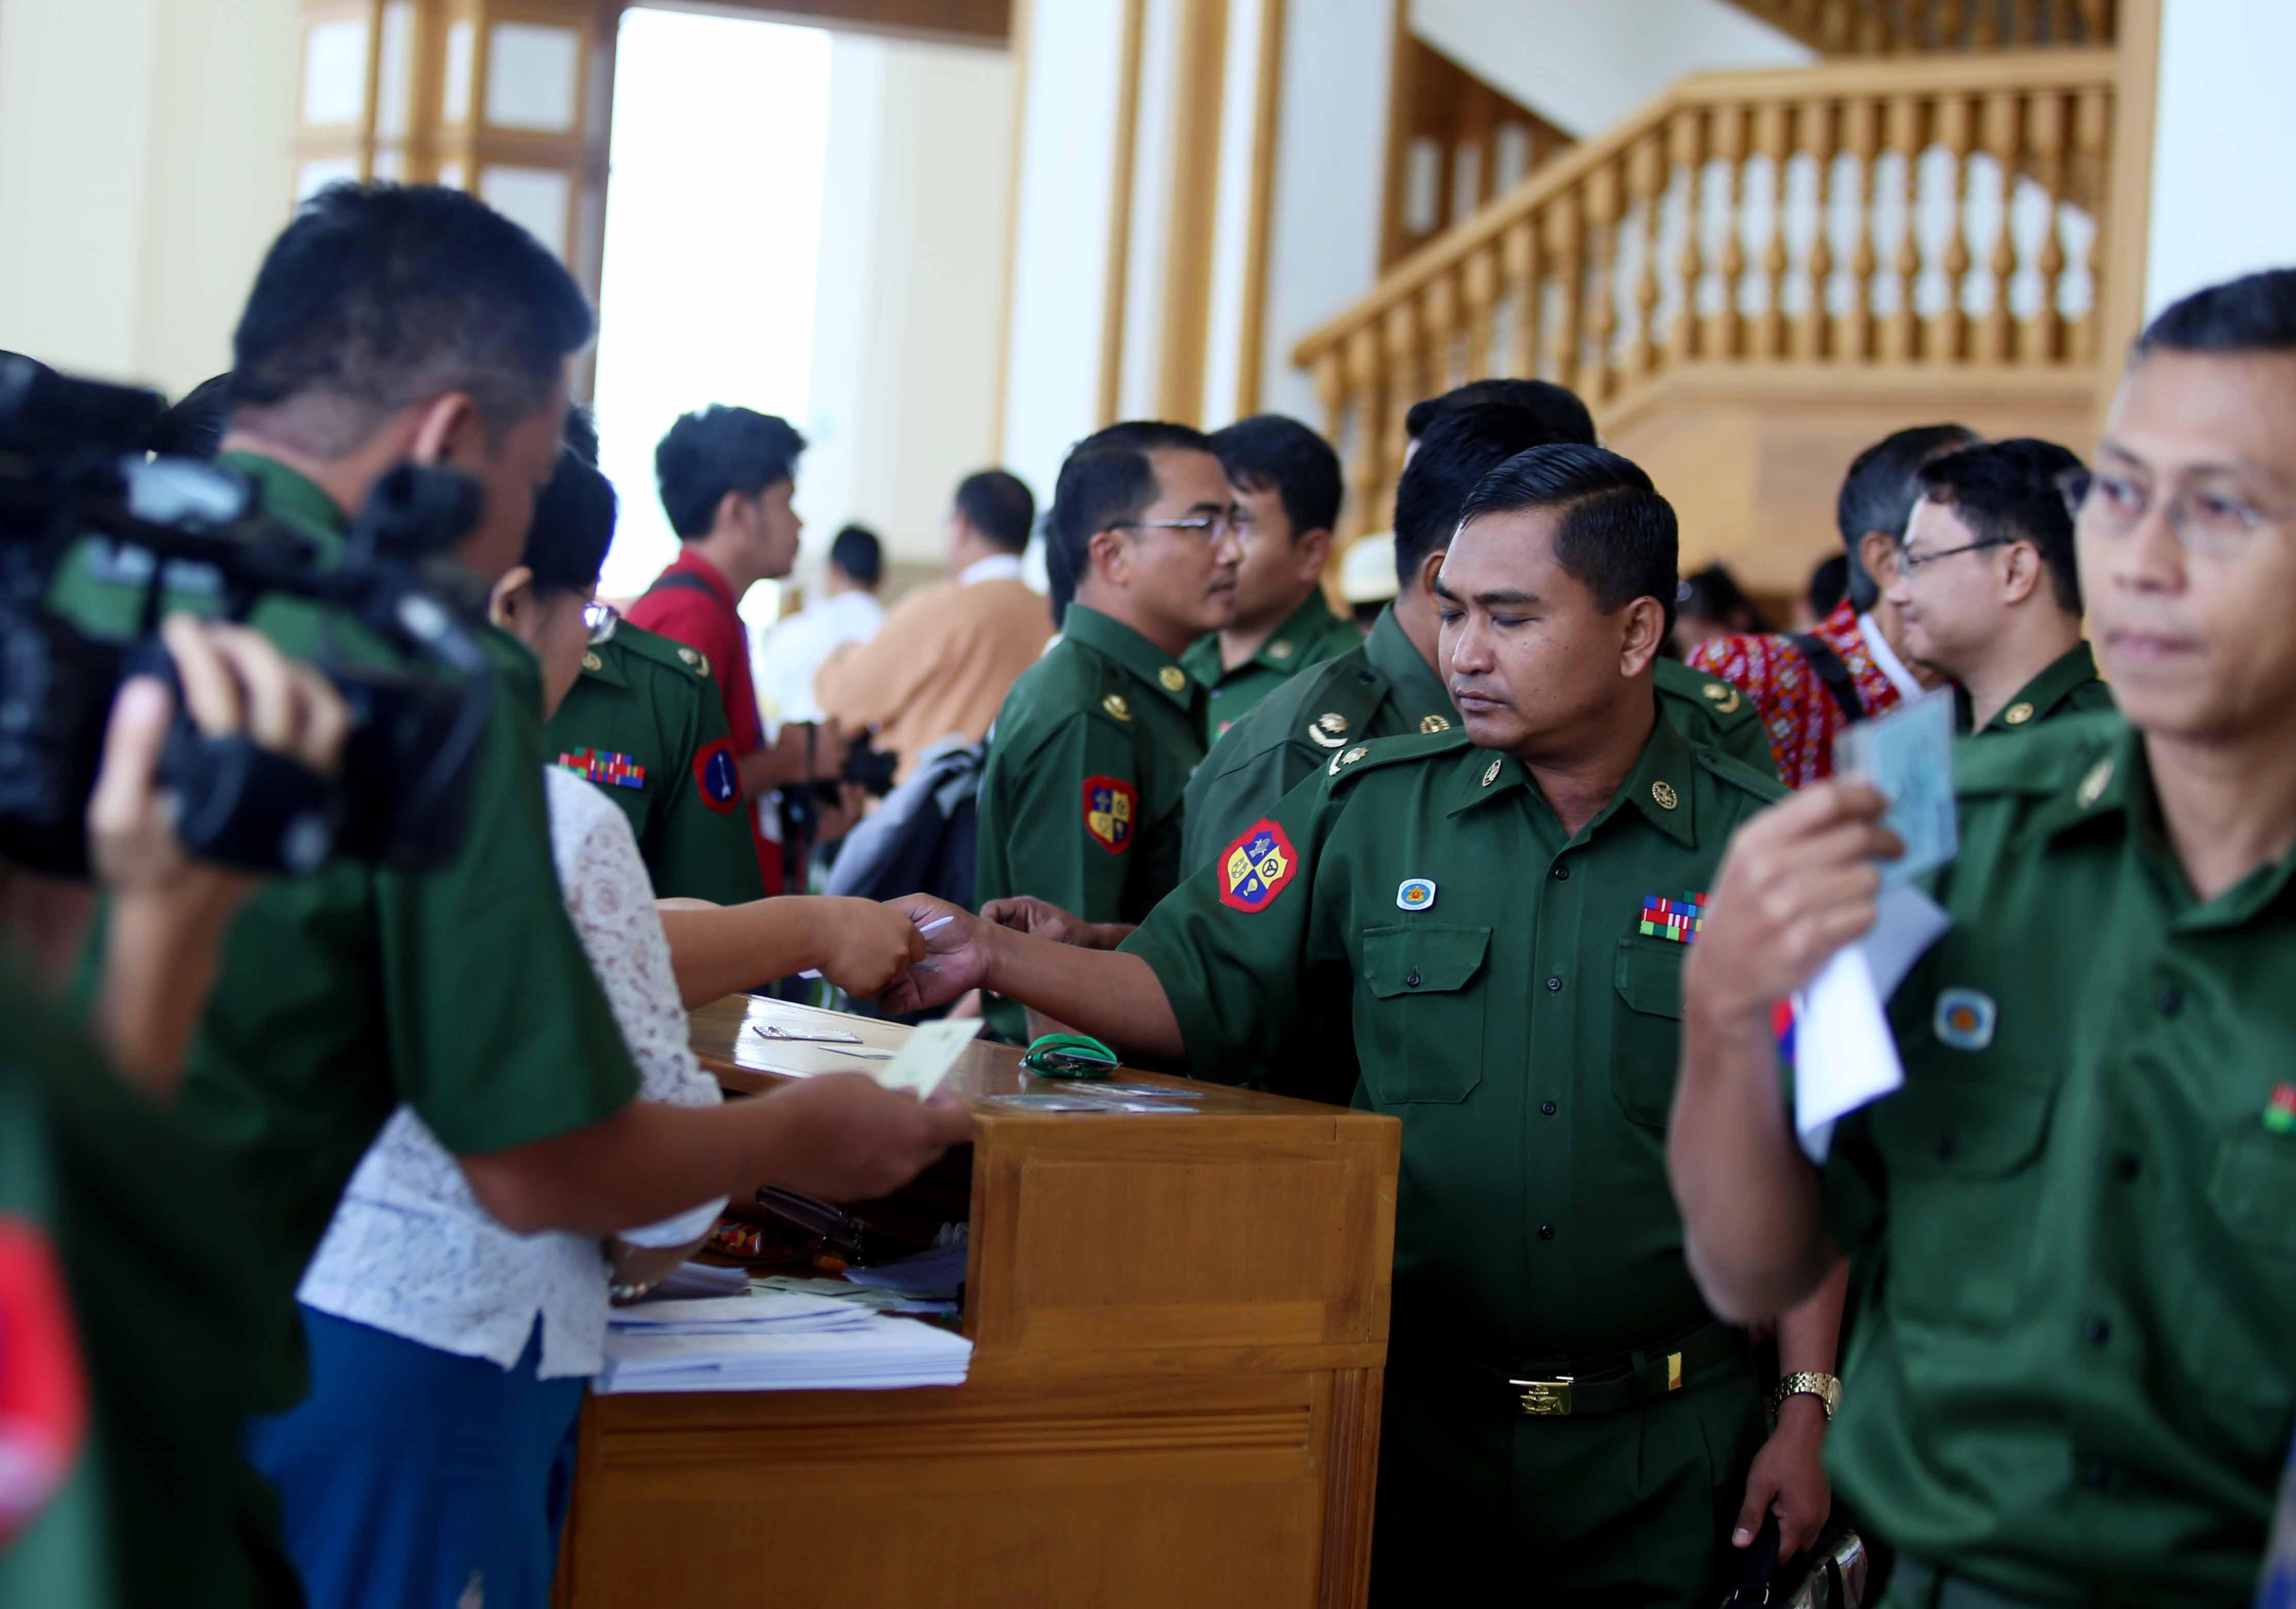 တပ်မတော်ကို နိုင်ငံရေးက ဖယ်ထုတ်ရန် NLD ထက် တိုင်းရင်းသားများက  ပိုစိတ်အားထက်သန်